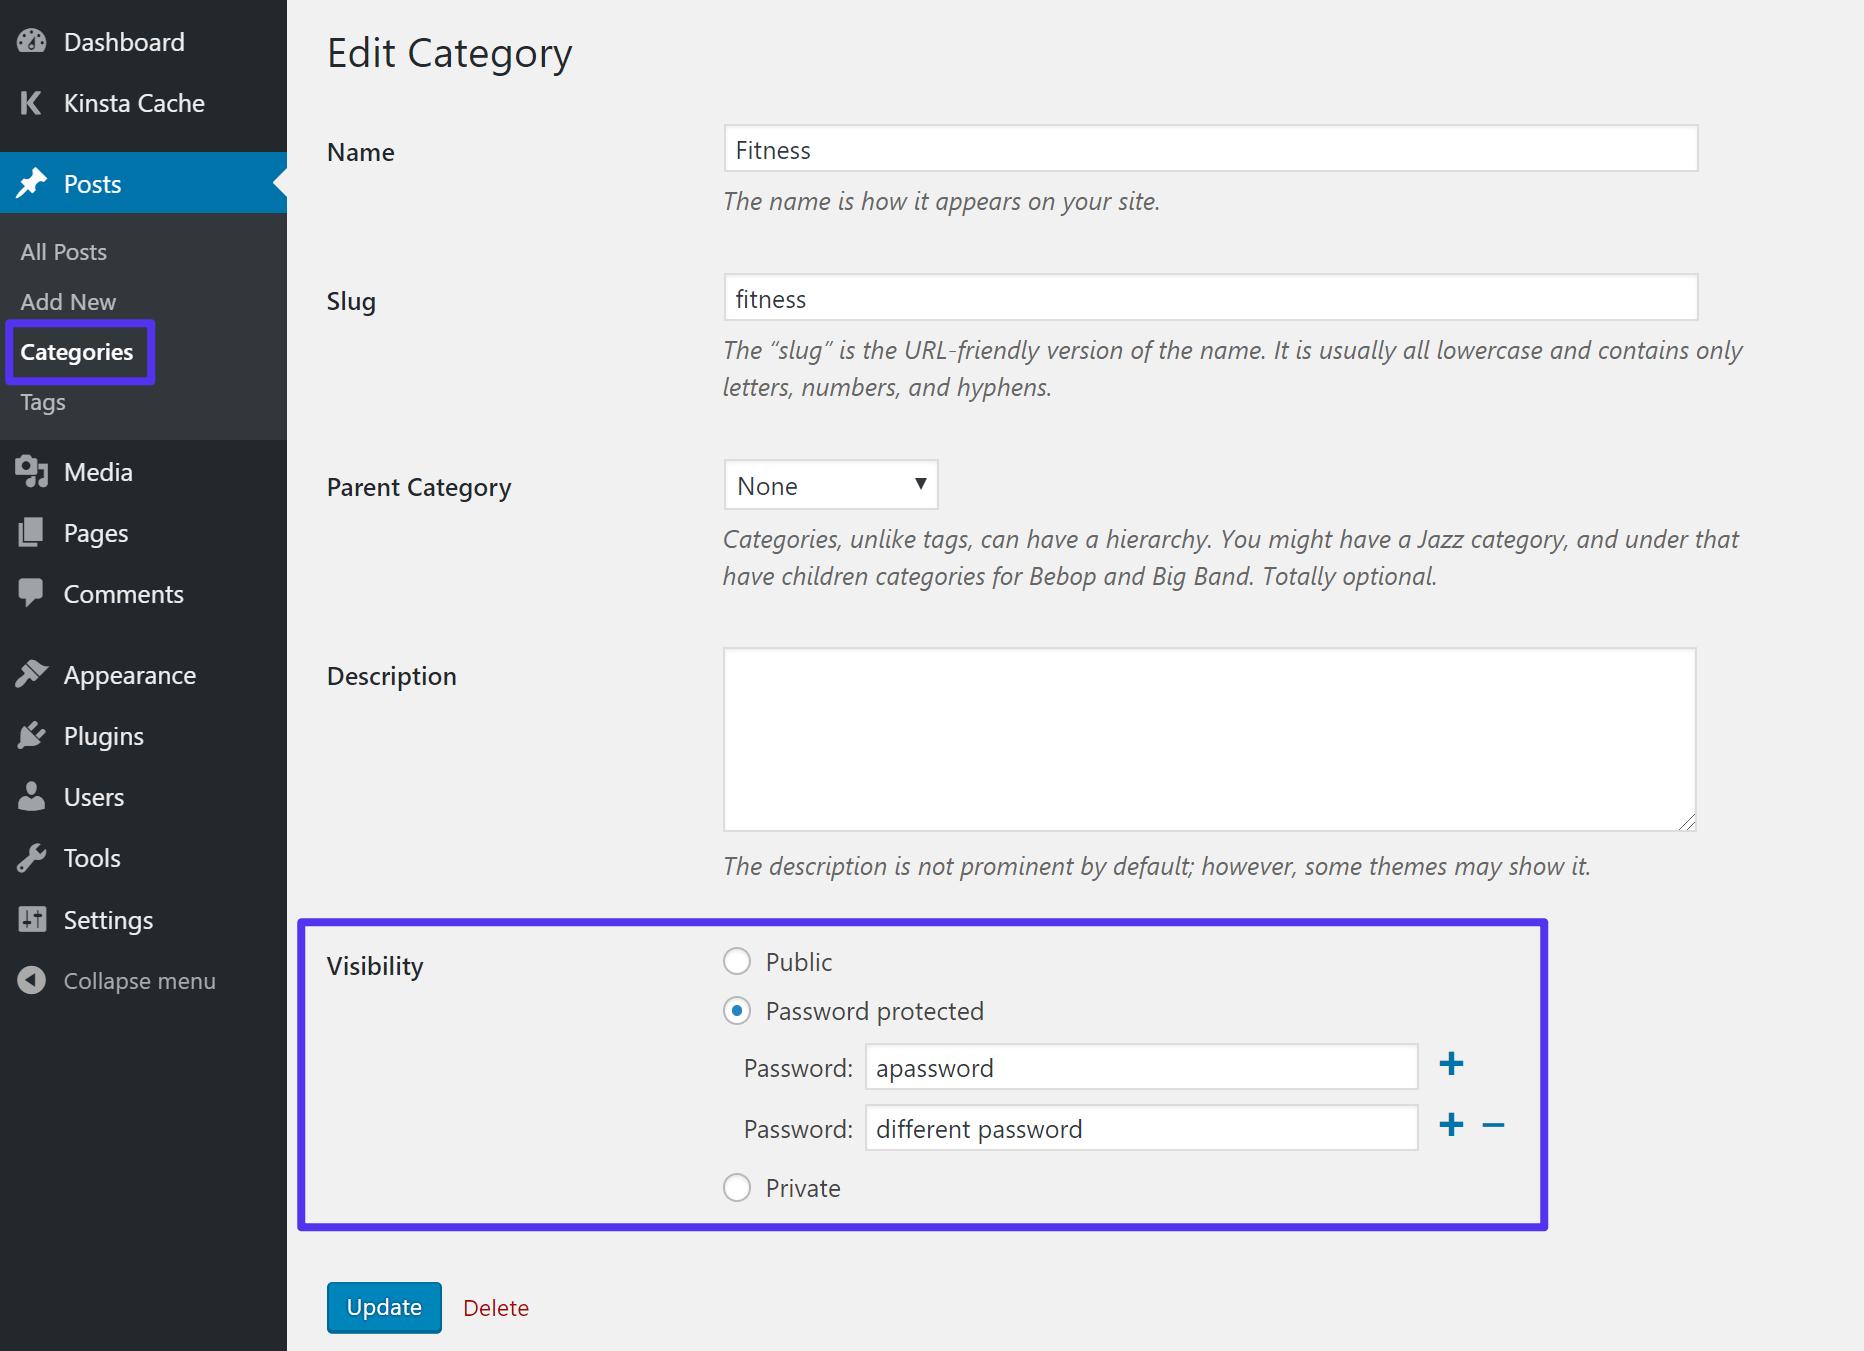 Wie man ein Passwort zu einer Kategorie hinzufügt